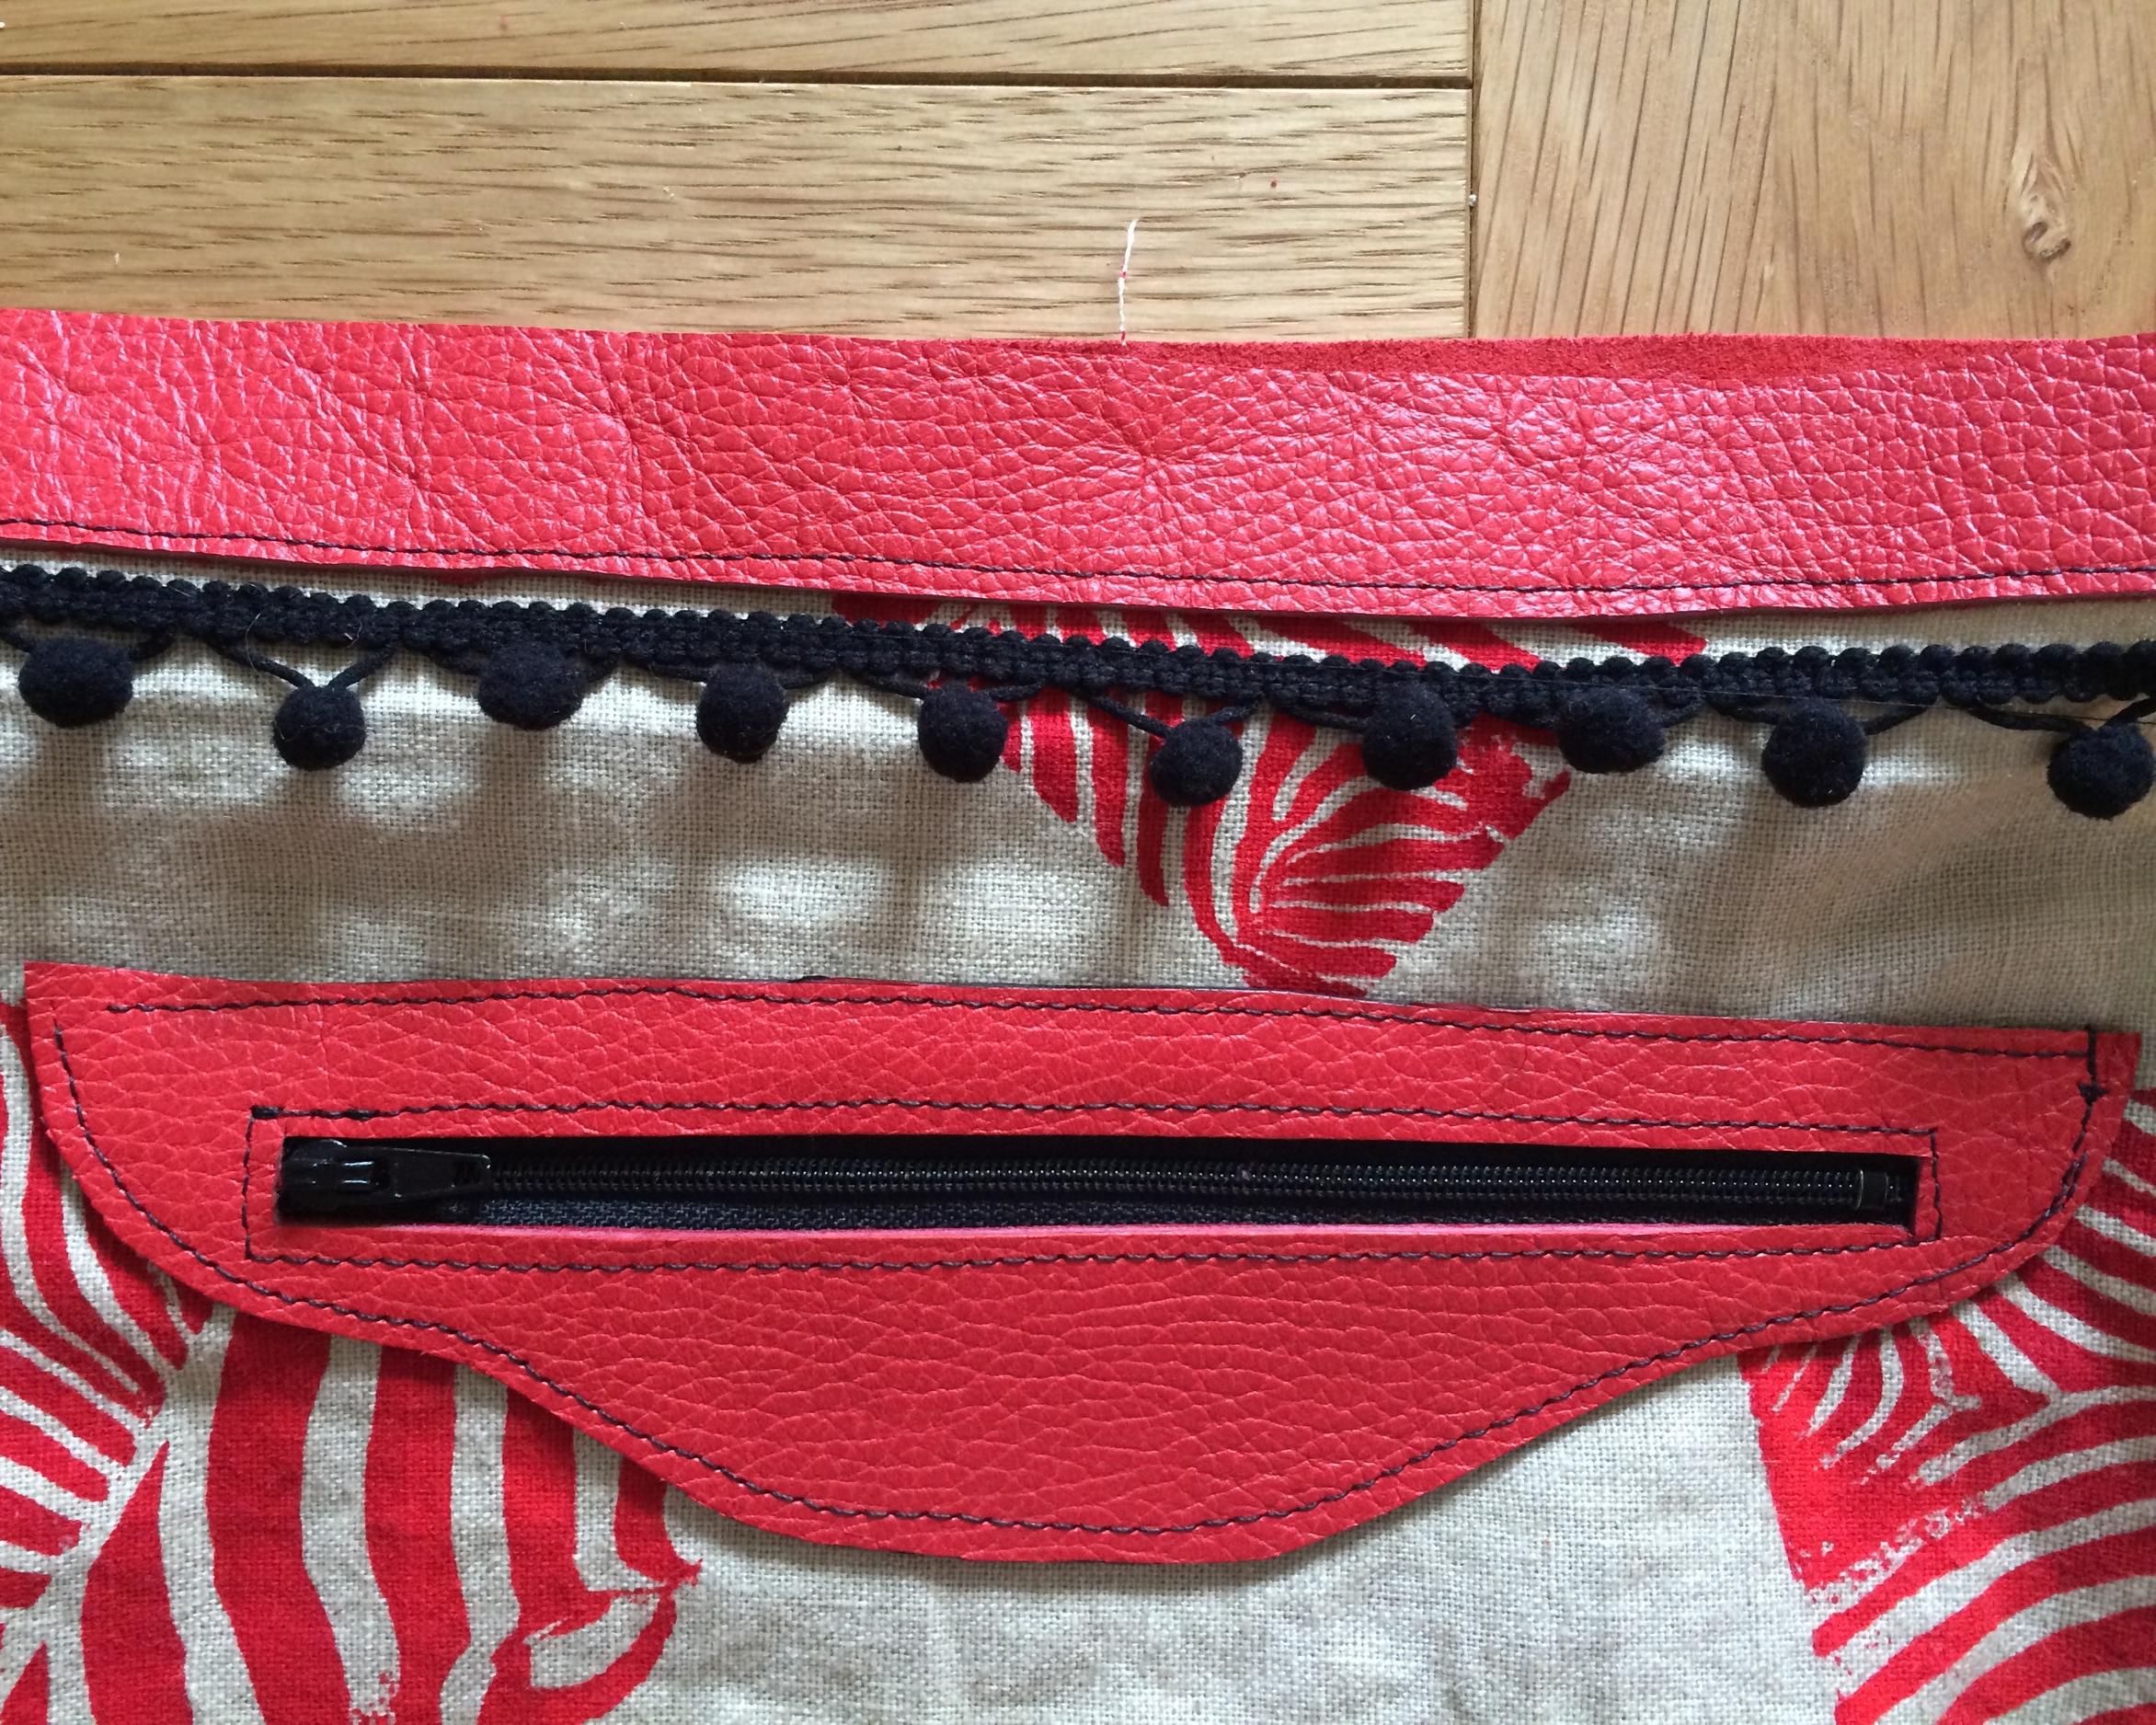 A close up of the pom pom trim and inside pocked detail